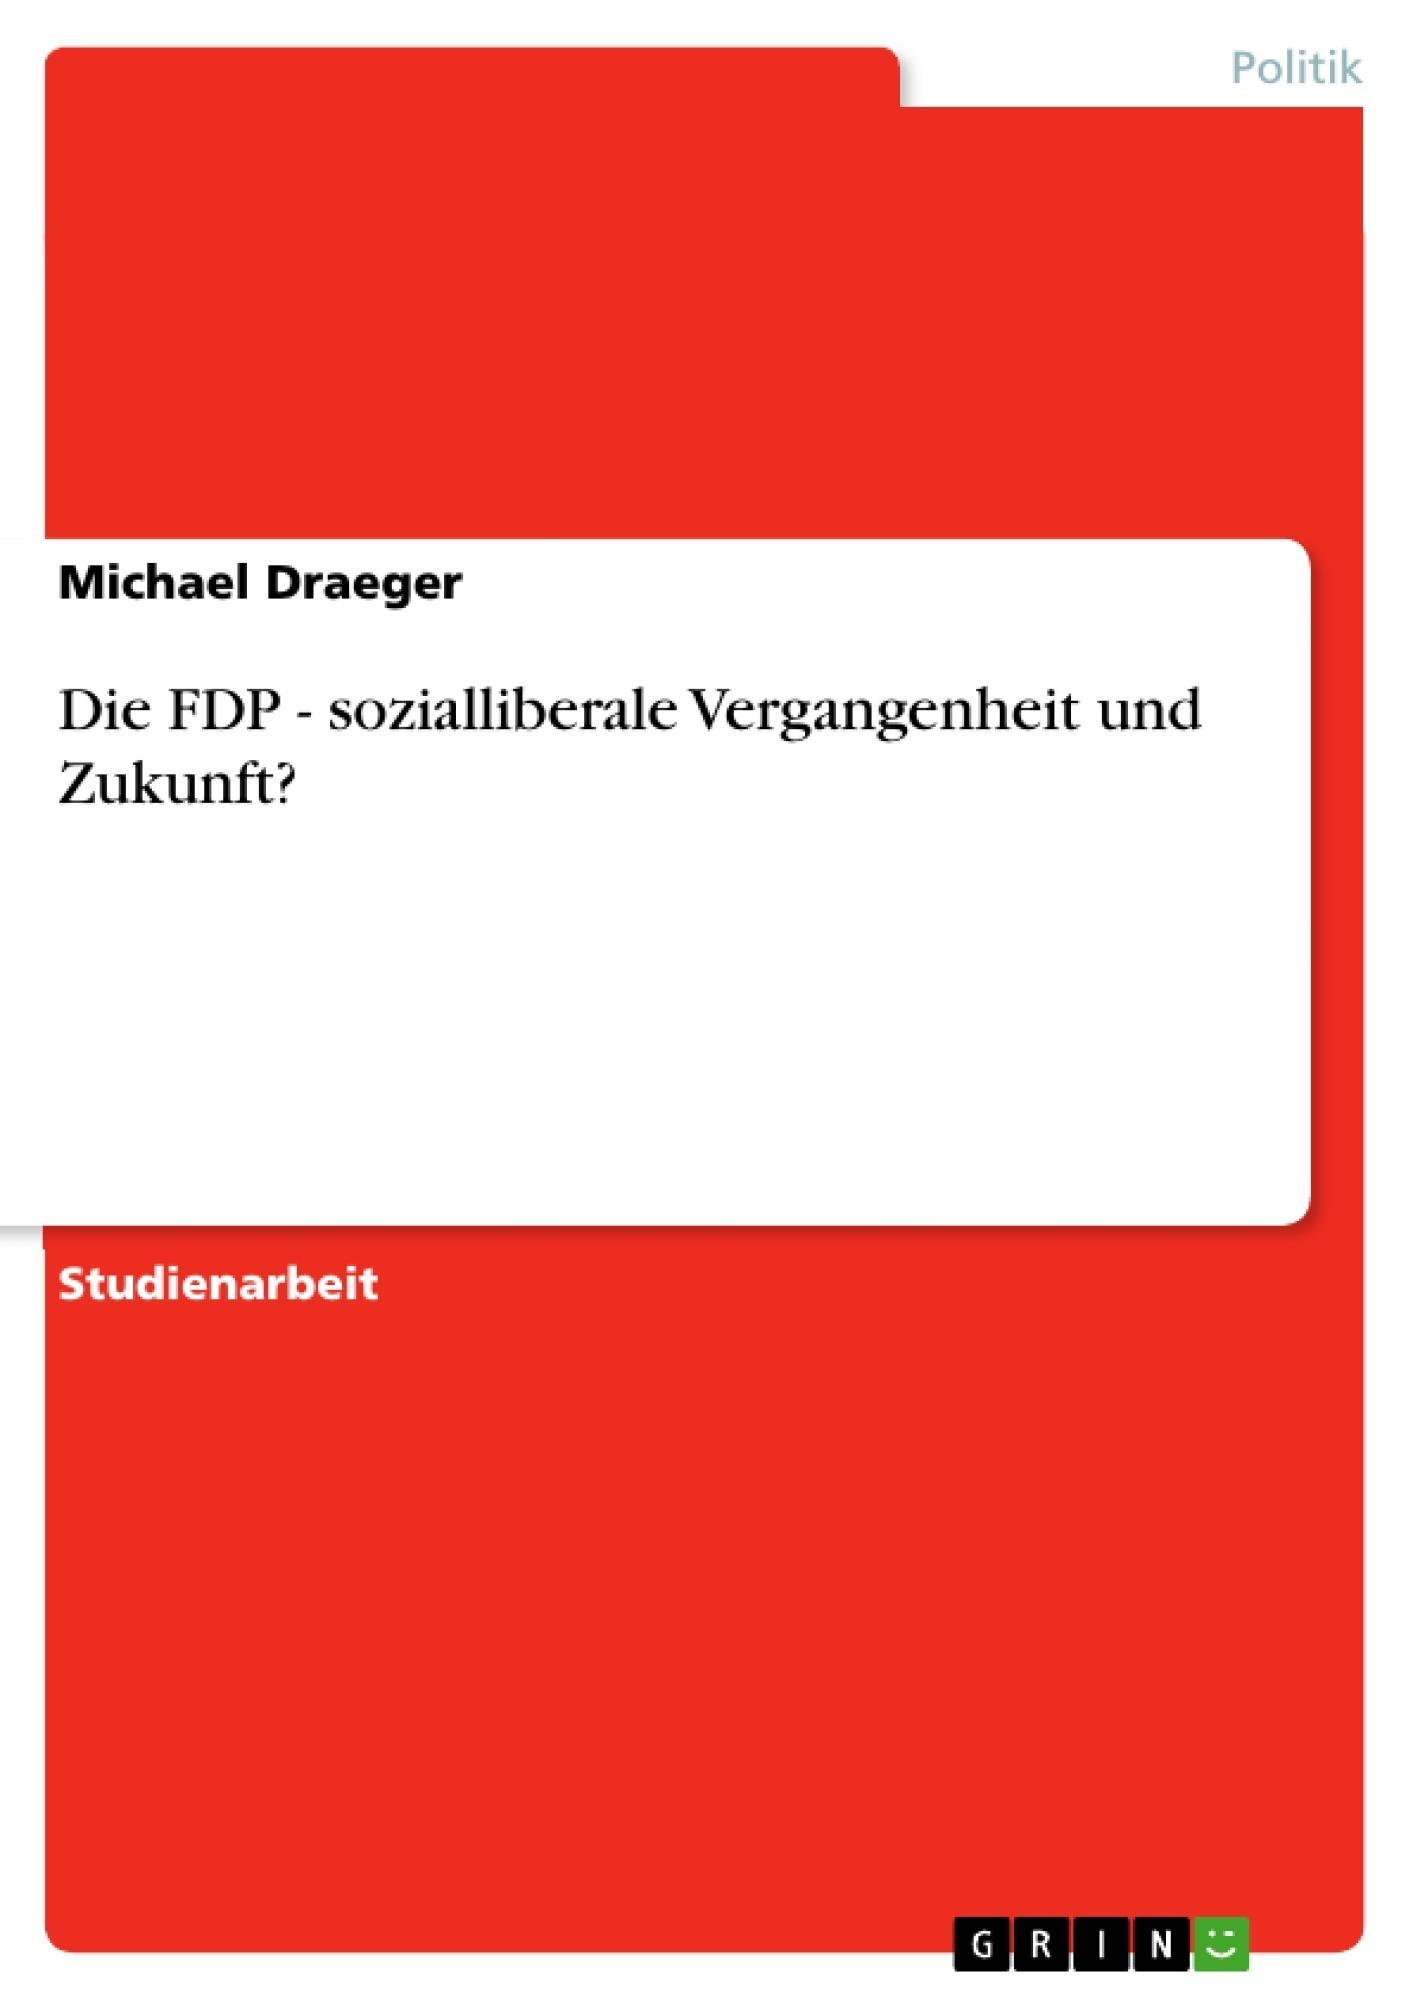 Titel: Die FDP - sozialliberale Vergangenheit und Zukunft?